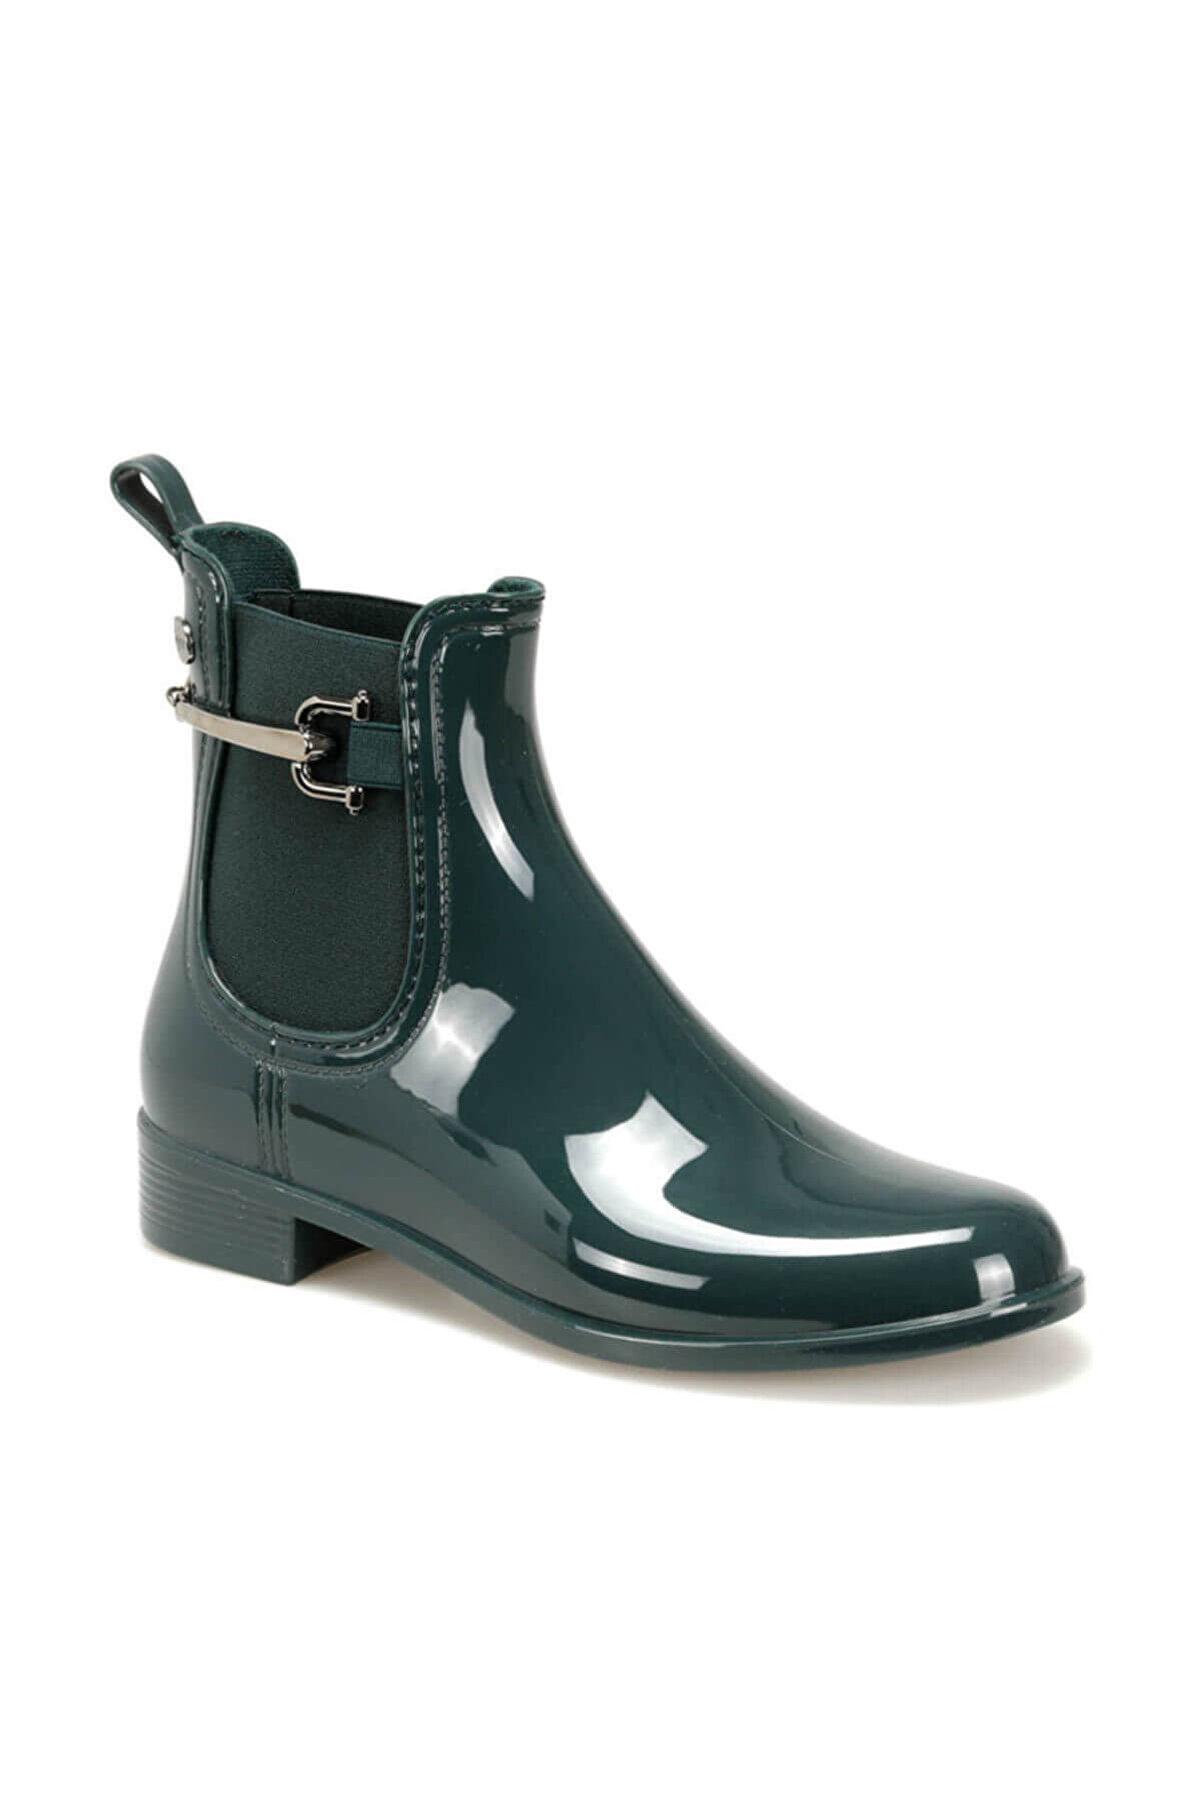 IGOR W10173 Urban Trabilla-013 Haki Kadın Yağmur Çizmesi 100386348